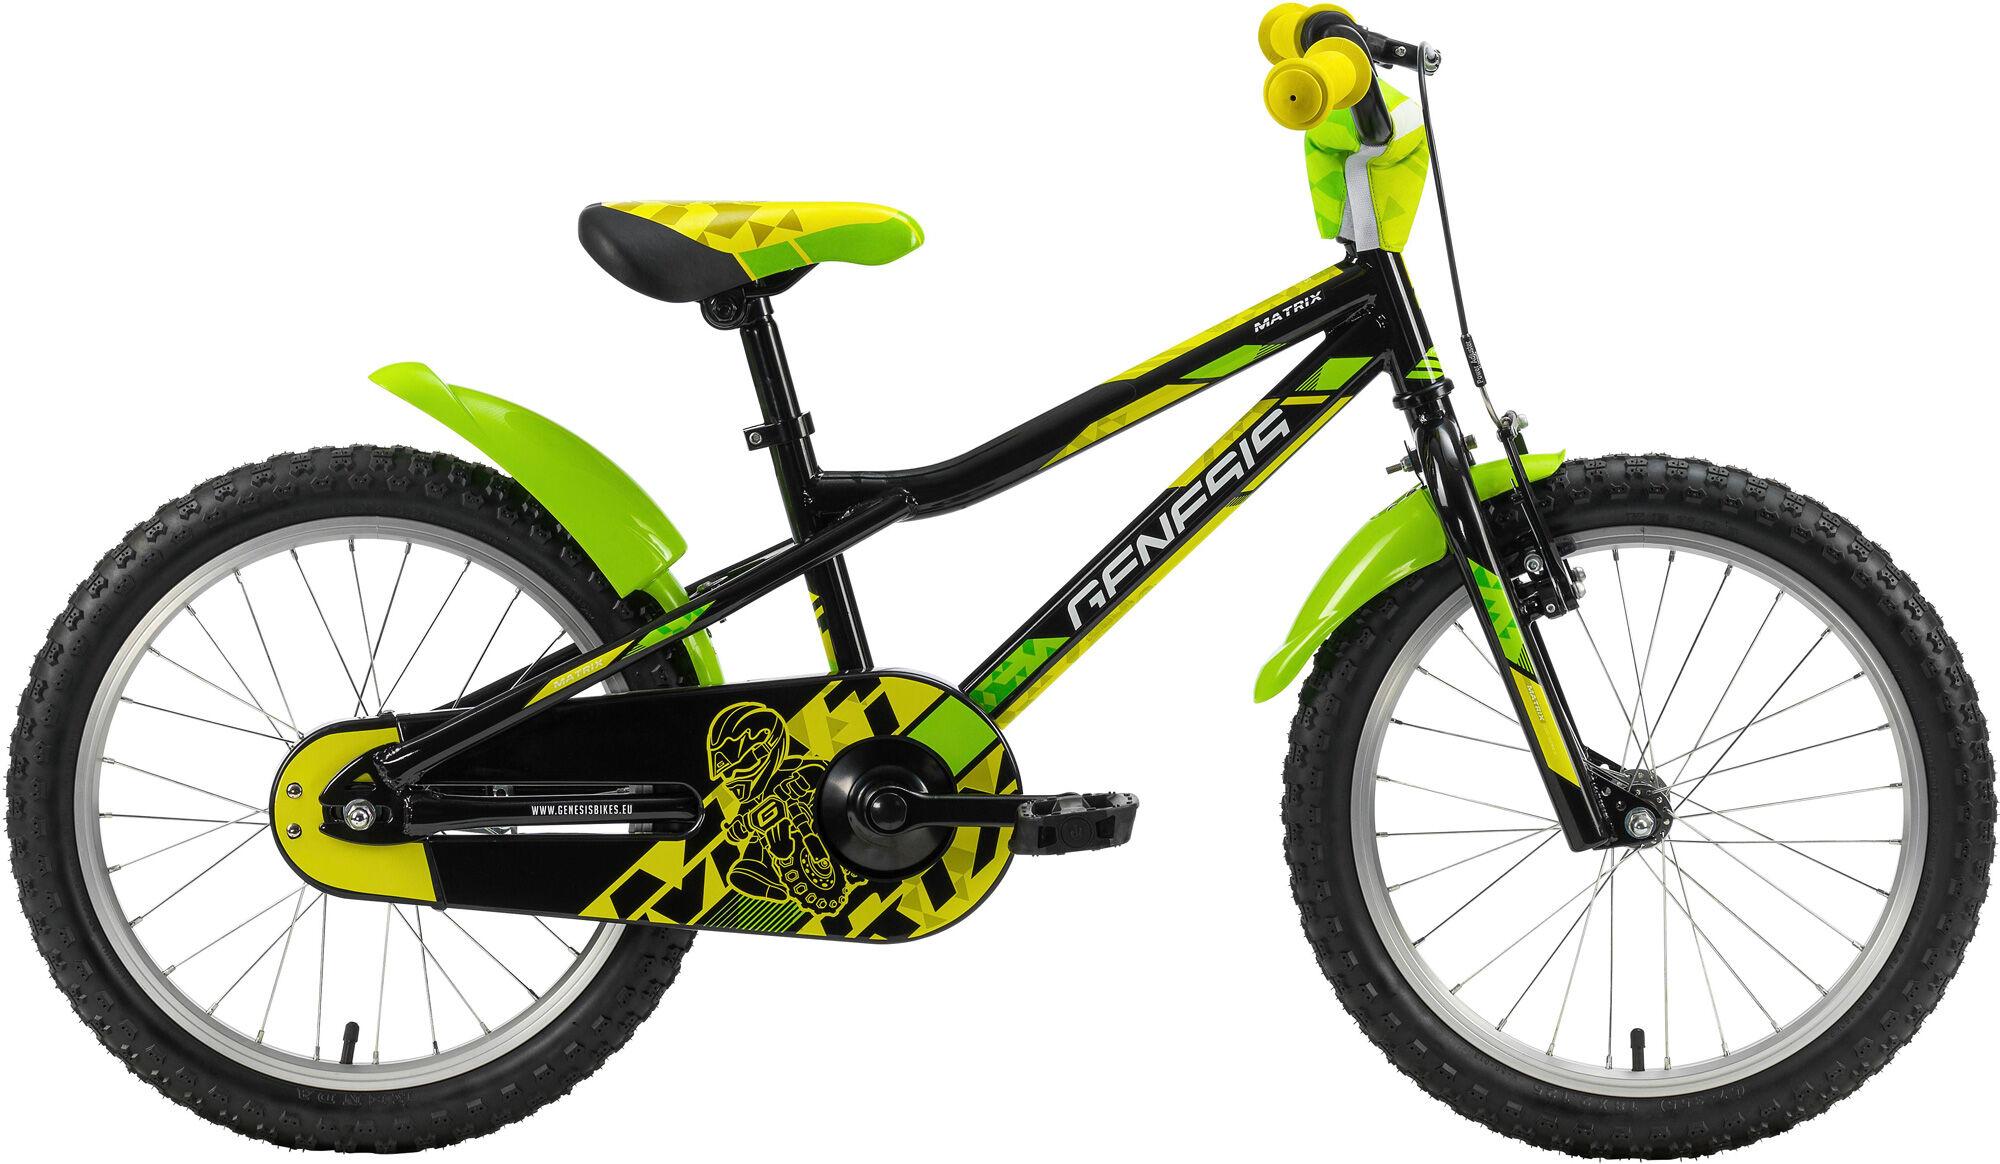 ZLX 18 3 Alu Cyke Fahrrad · schwarz · Kinder » PUKY